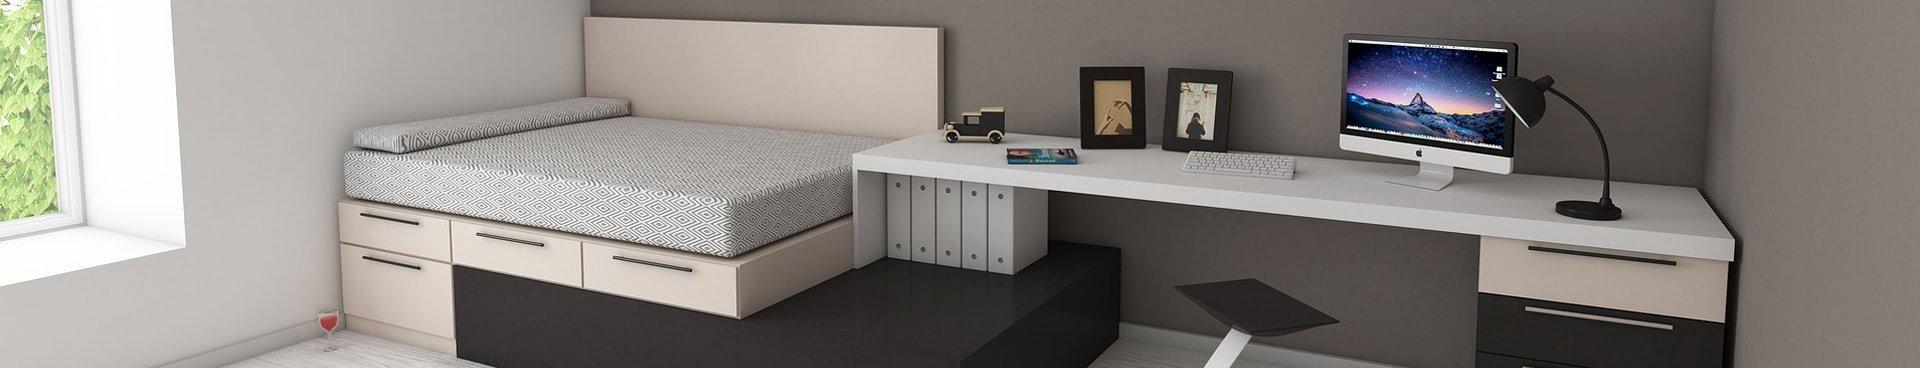 dormitorio-elegante-comprar-en-aranda-de-duero-makro-mueble